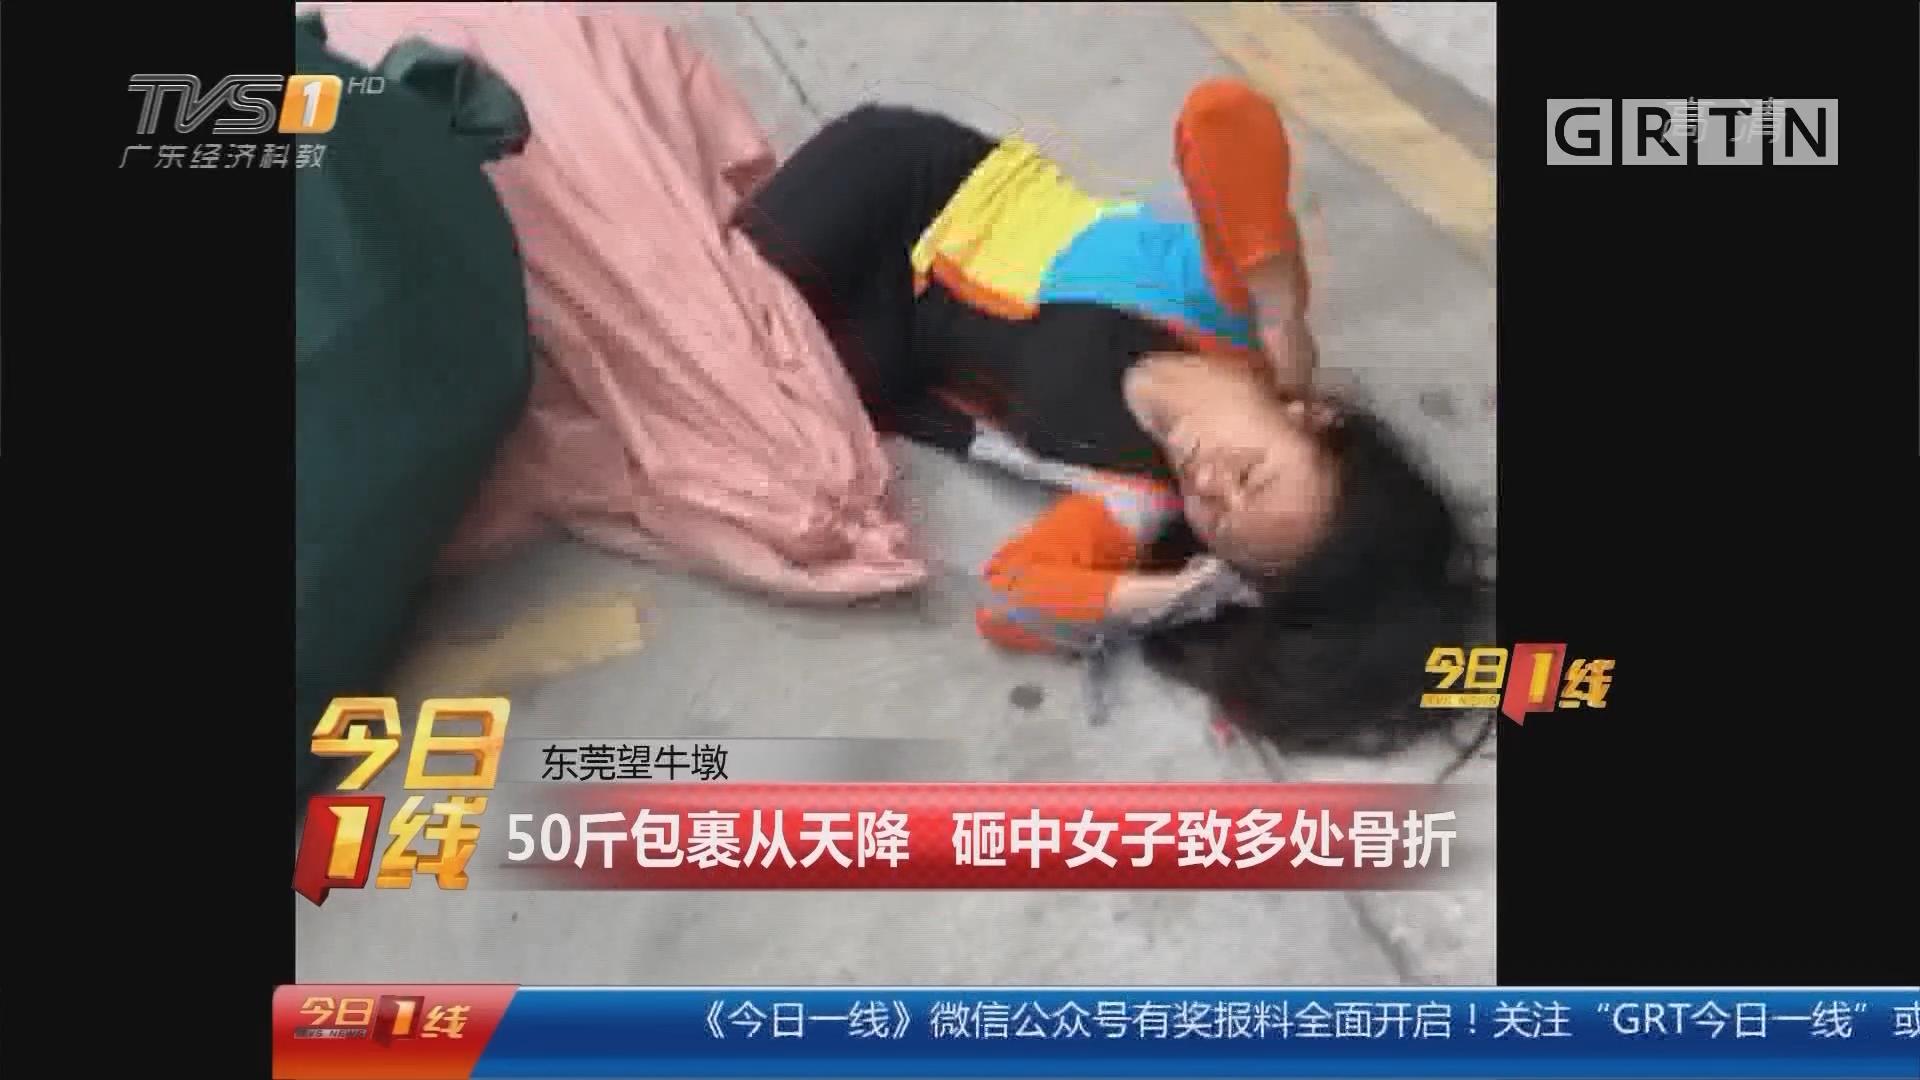 东莞望牛墩:50斤包裹从天降 砸中女子致多处骨折